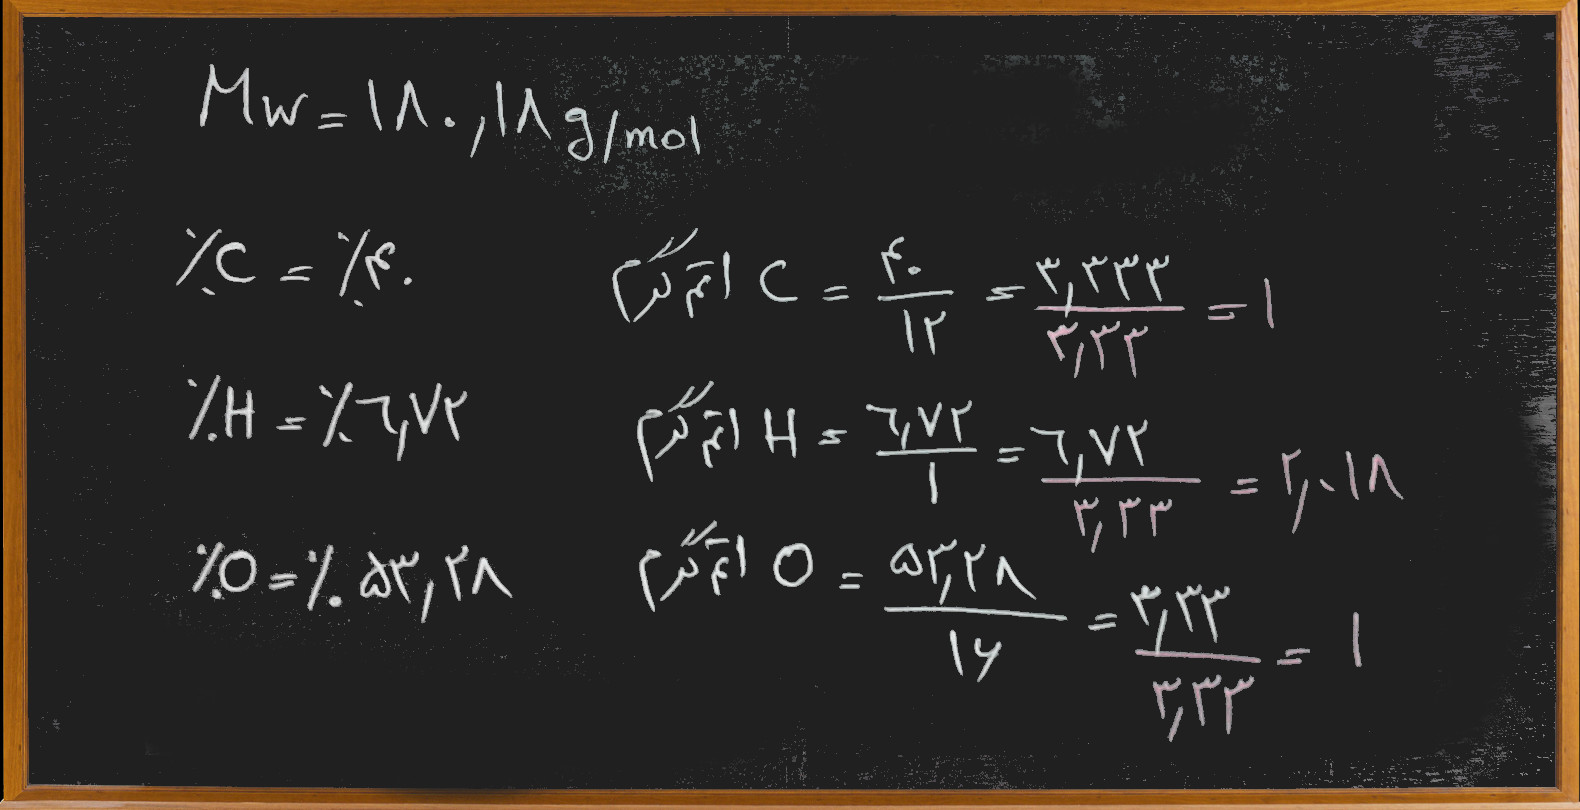 بدست آوردن فرمول مولکولی